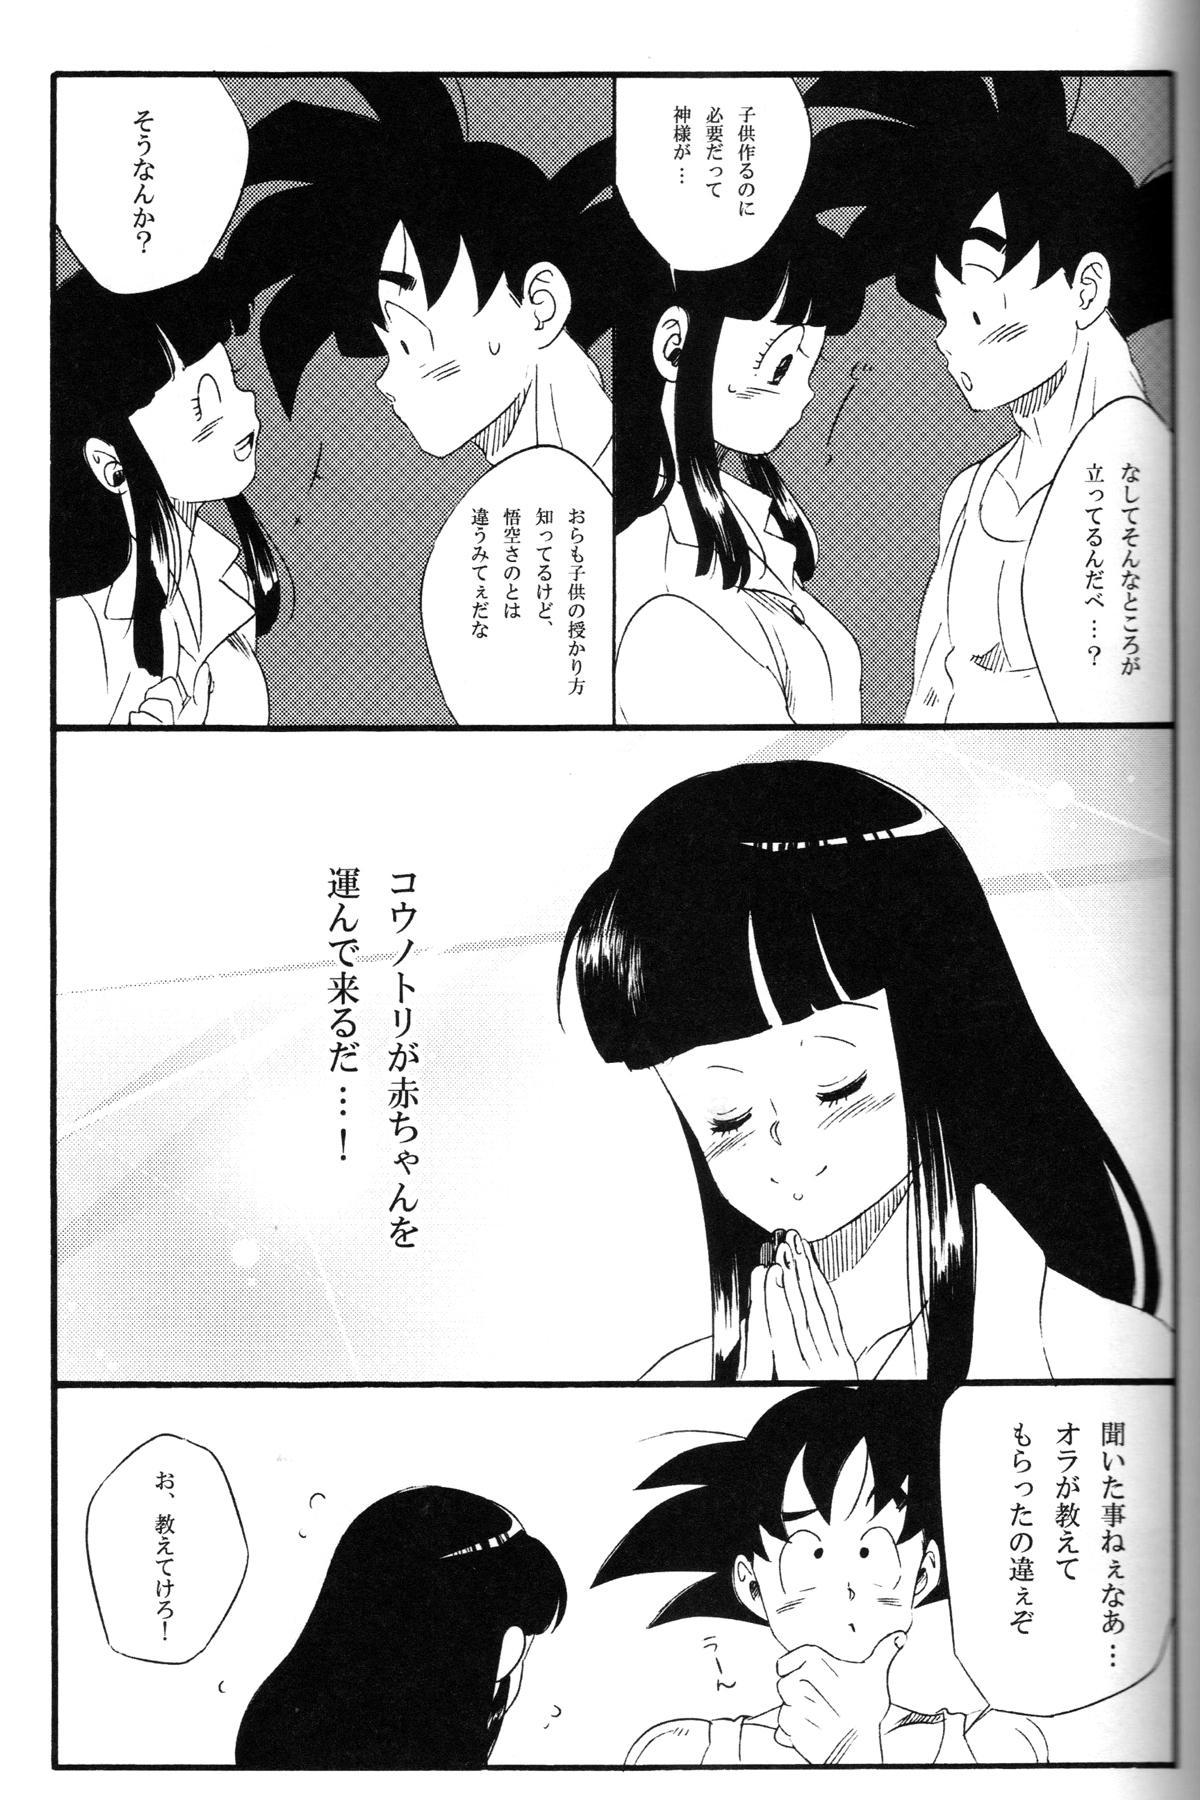 Shinmai Teishu to Koinyobo Z 15